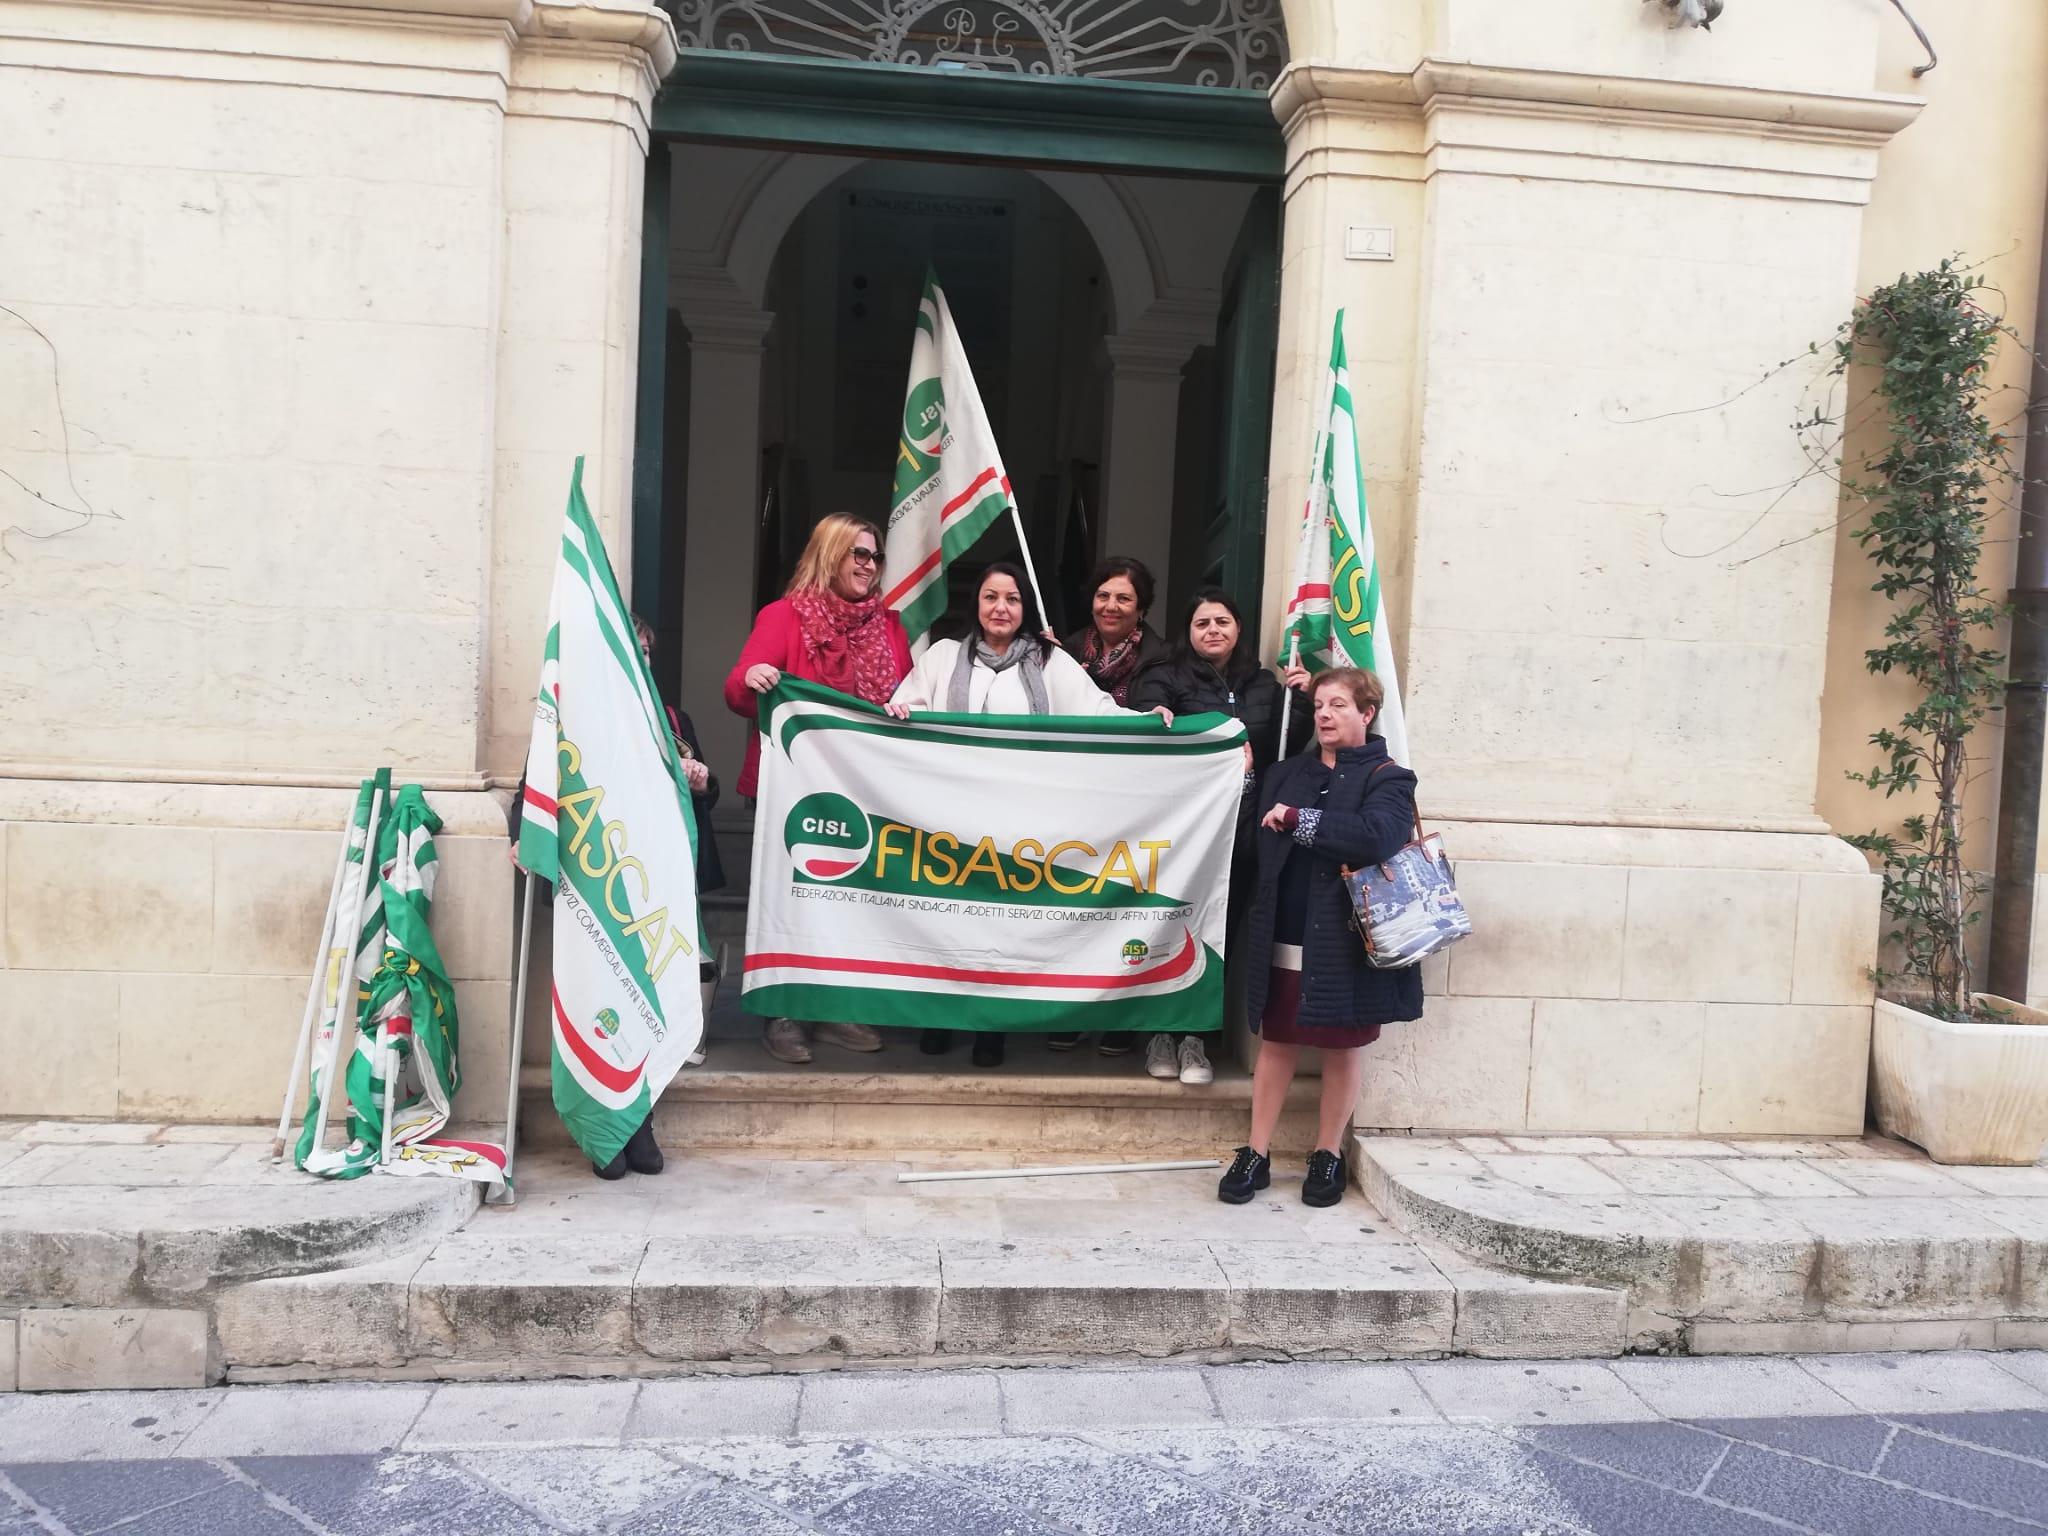 Addetti alle pulizie del Comune di Rosolini proclamano lo stato di agitazione